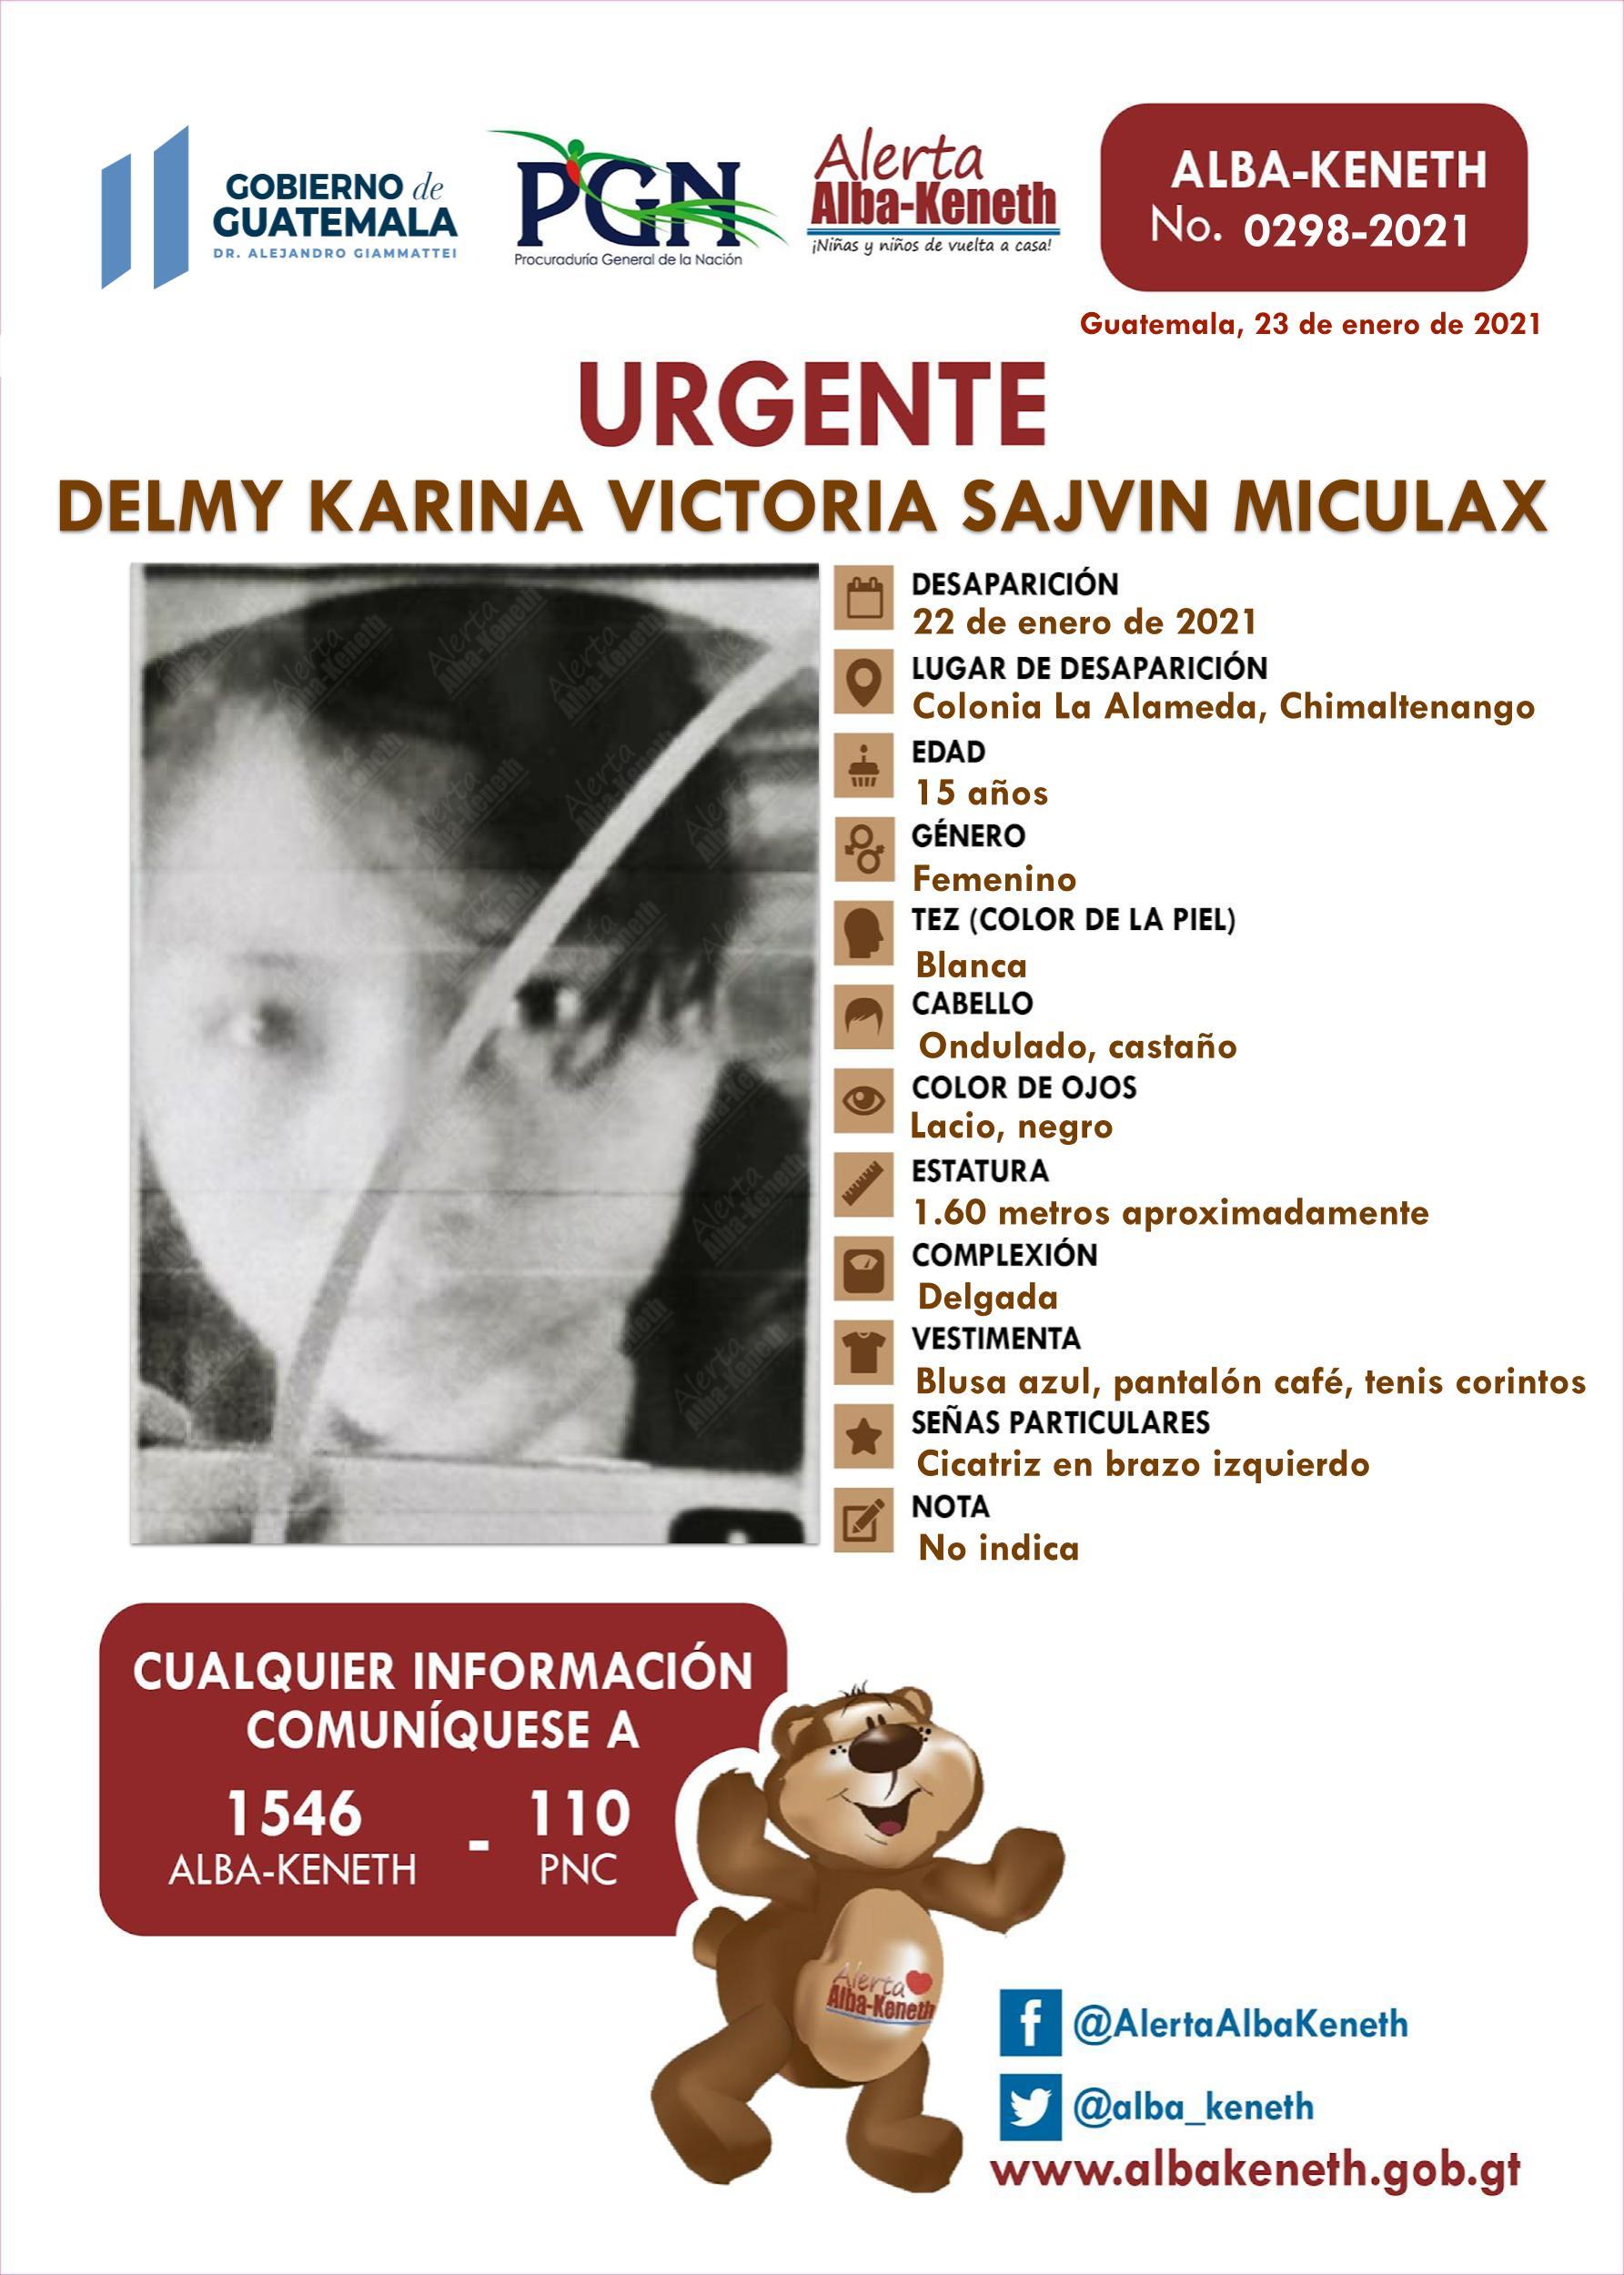 Delmy Karina Victoria Sajvin Miculax